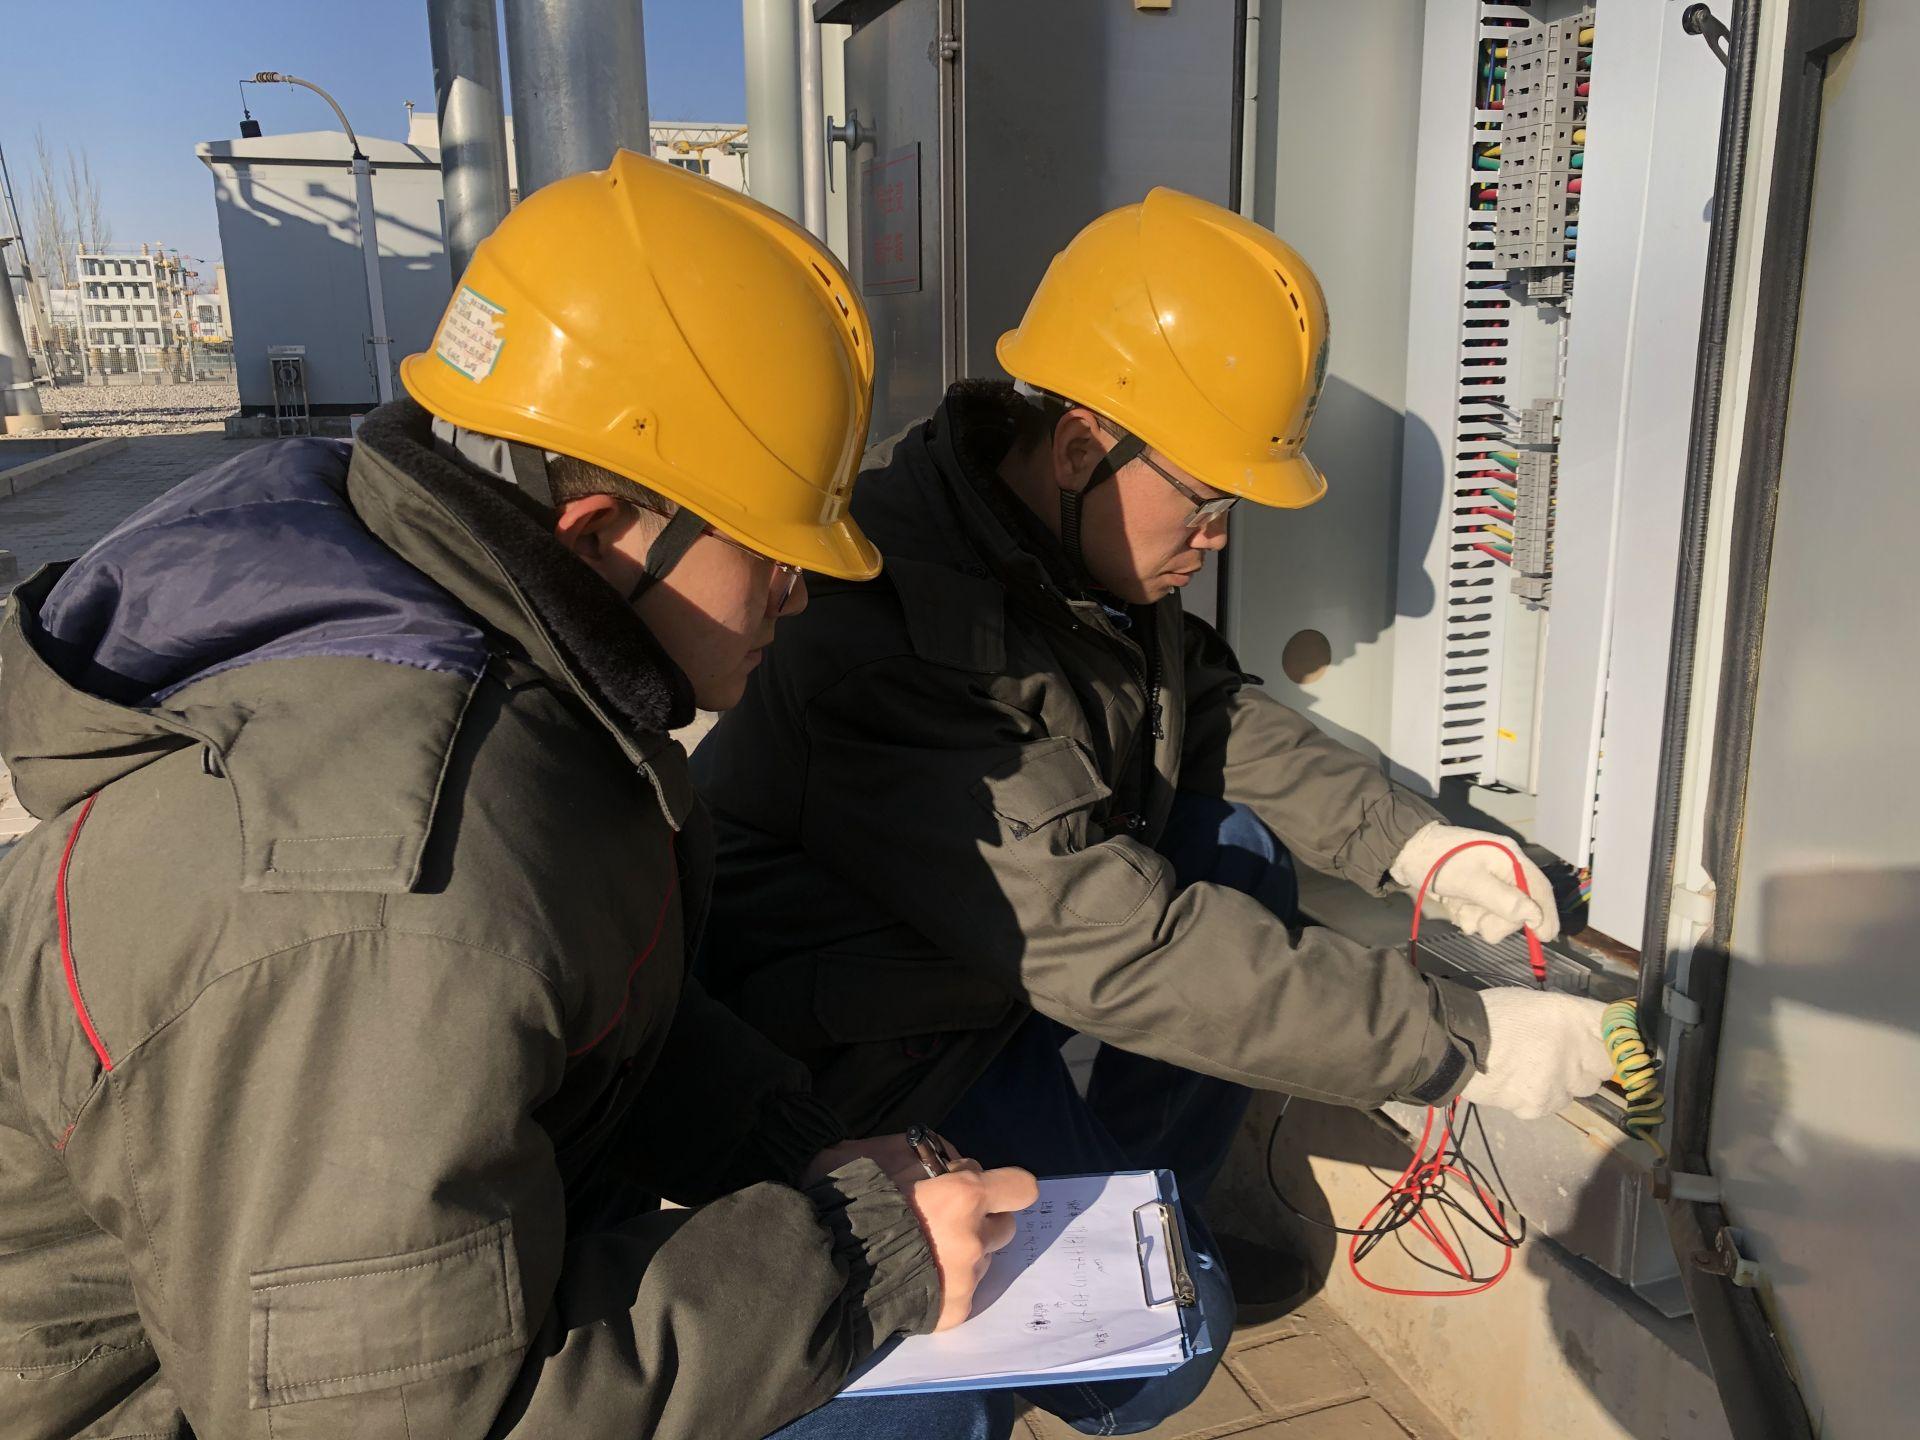 宁夏电力有限公司检修公司进行设备检查  确保冬季高峰用电